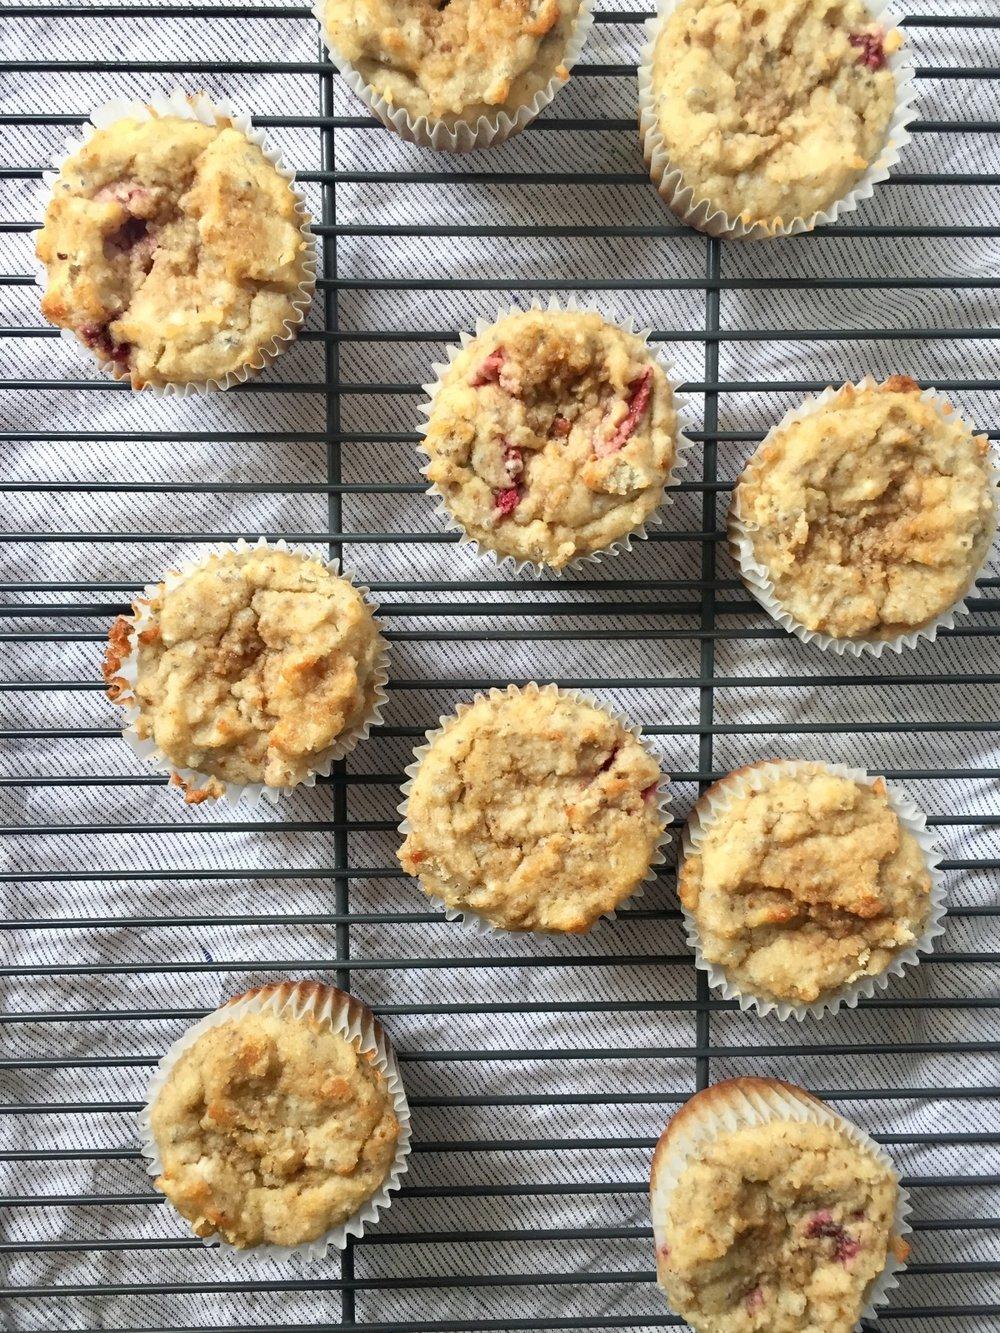 Strawberry-Banana Muffins